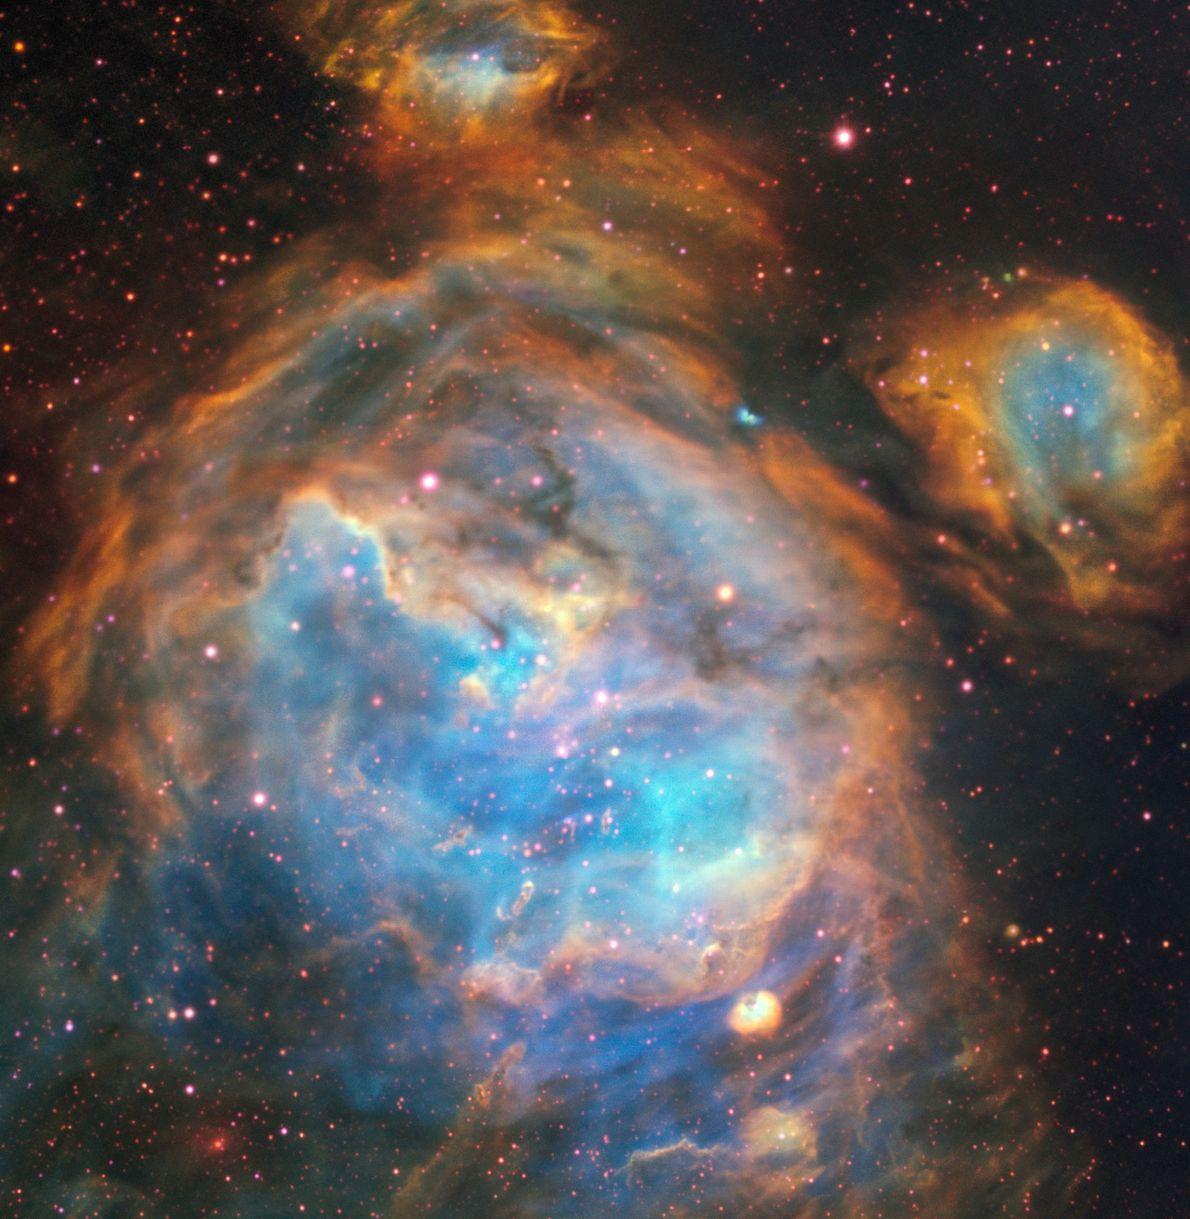 El Very Large Telescope de ESO capturó esta deslumbrante región de estrellas recién formadas en la ...